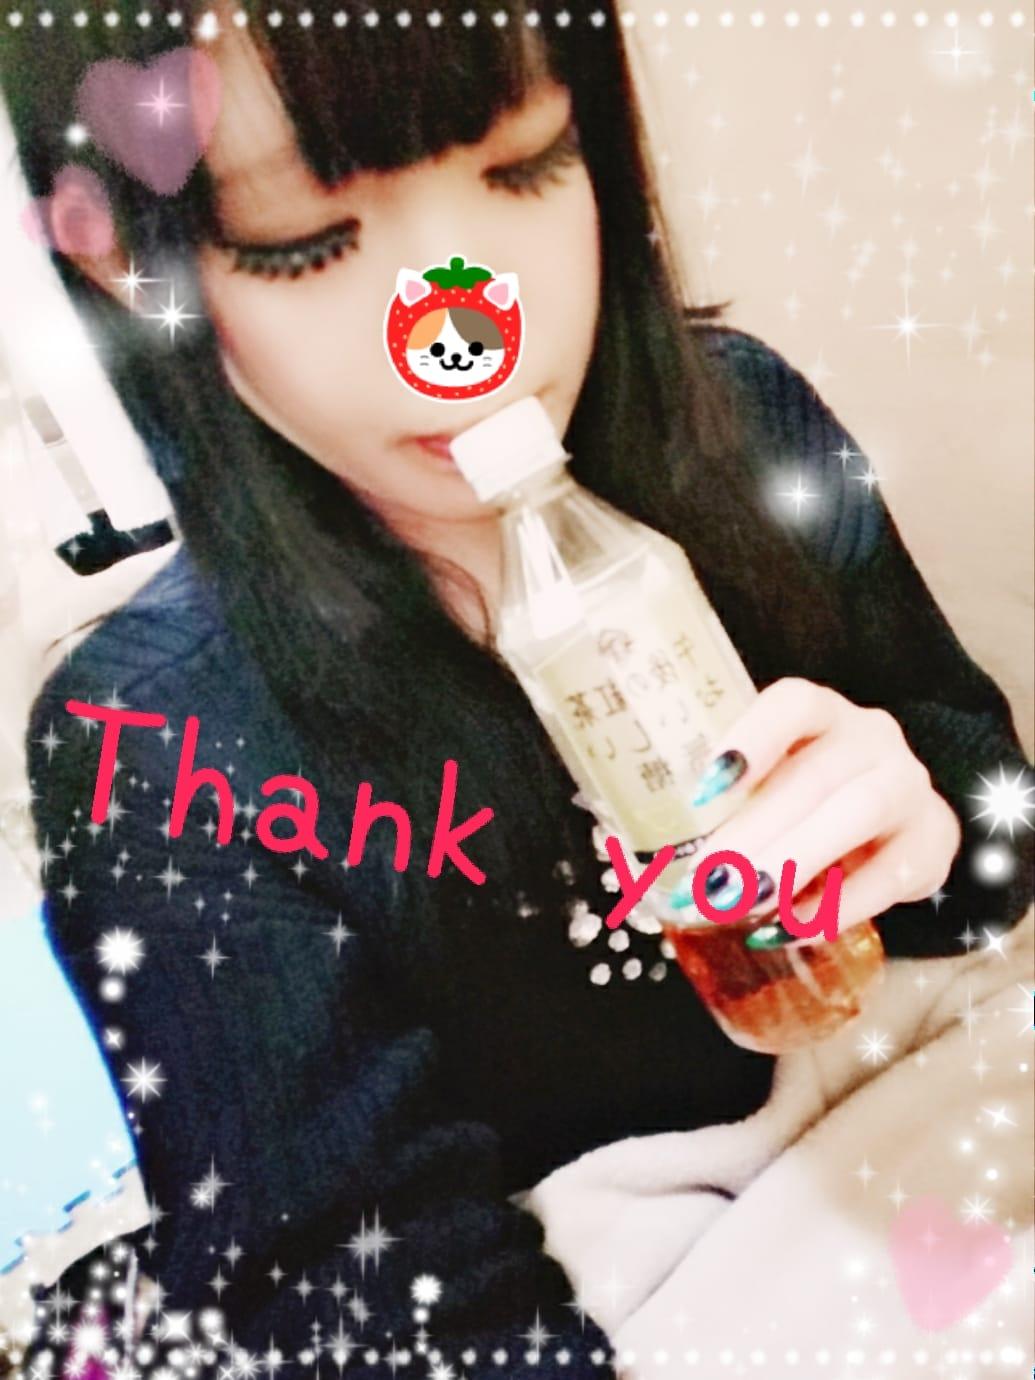 「☆お礼☆」02/12(月) 01:07 | 愛月(あづき)の写メ・風俗動画